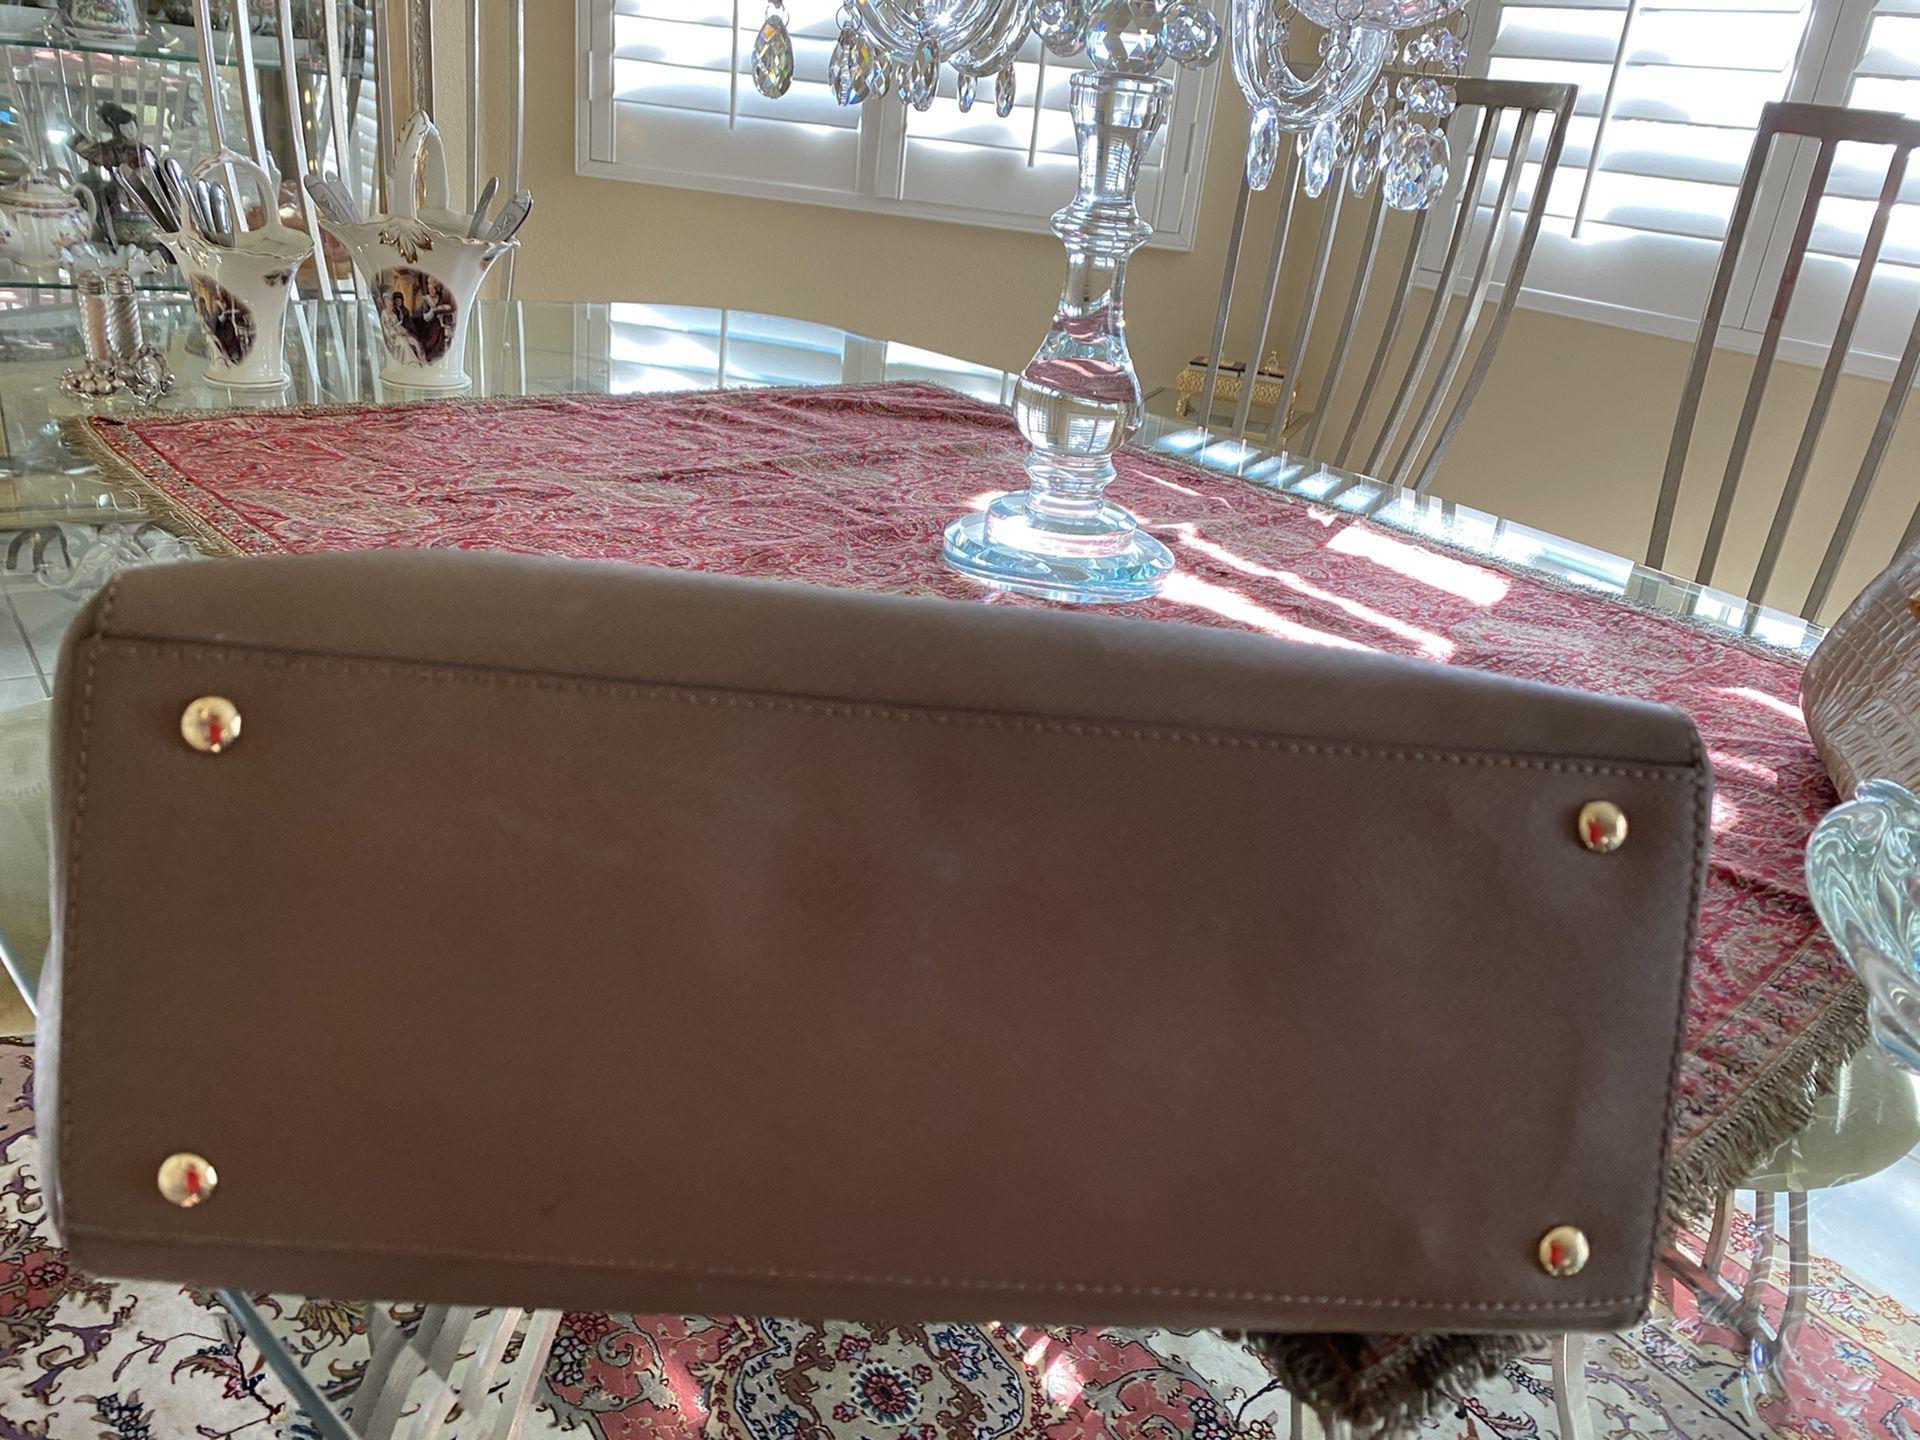 MK,looks like a new purse